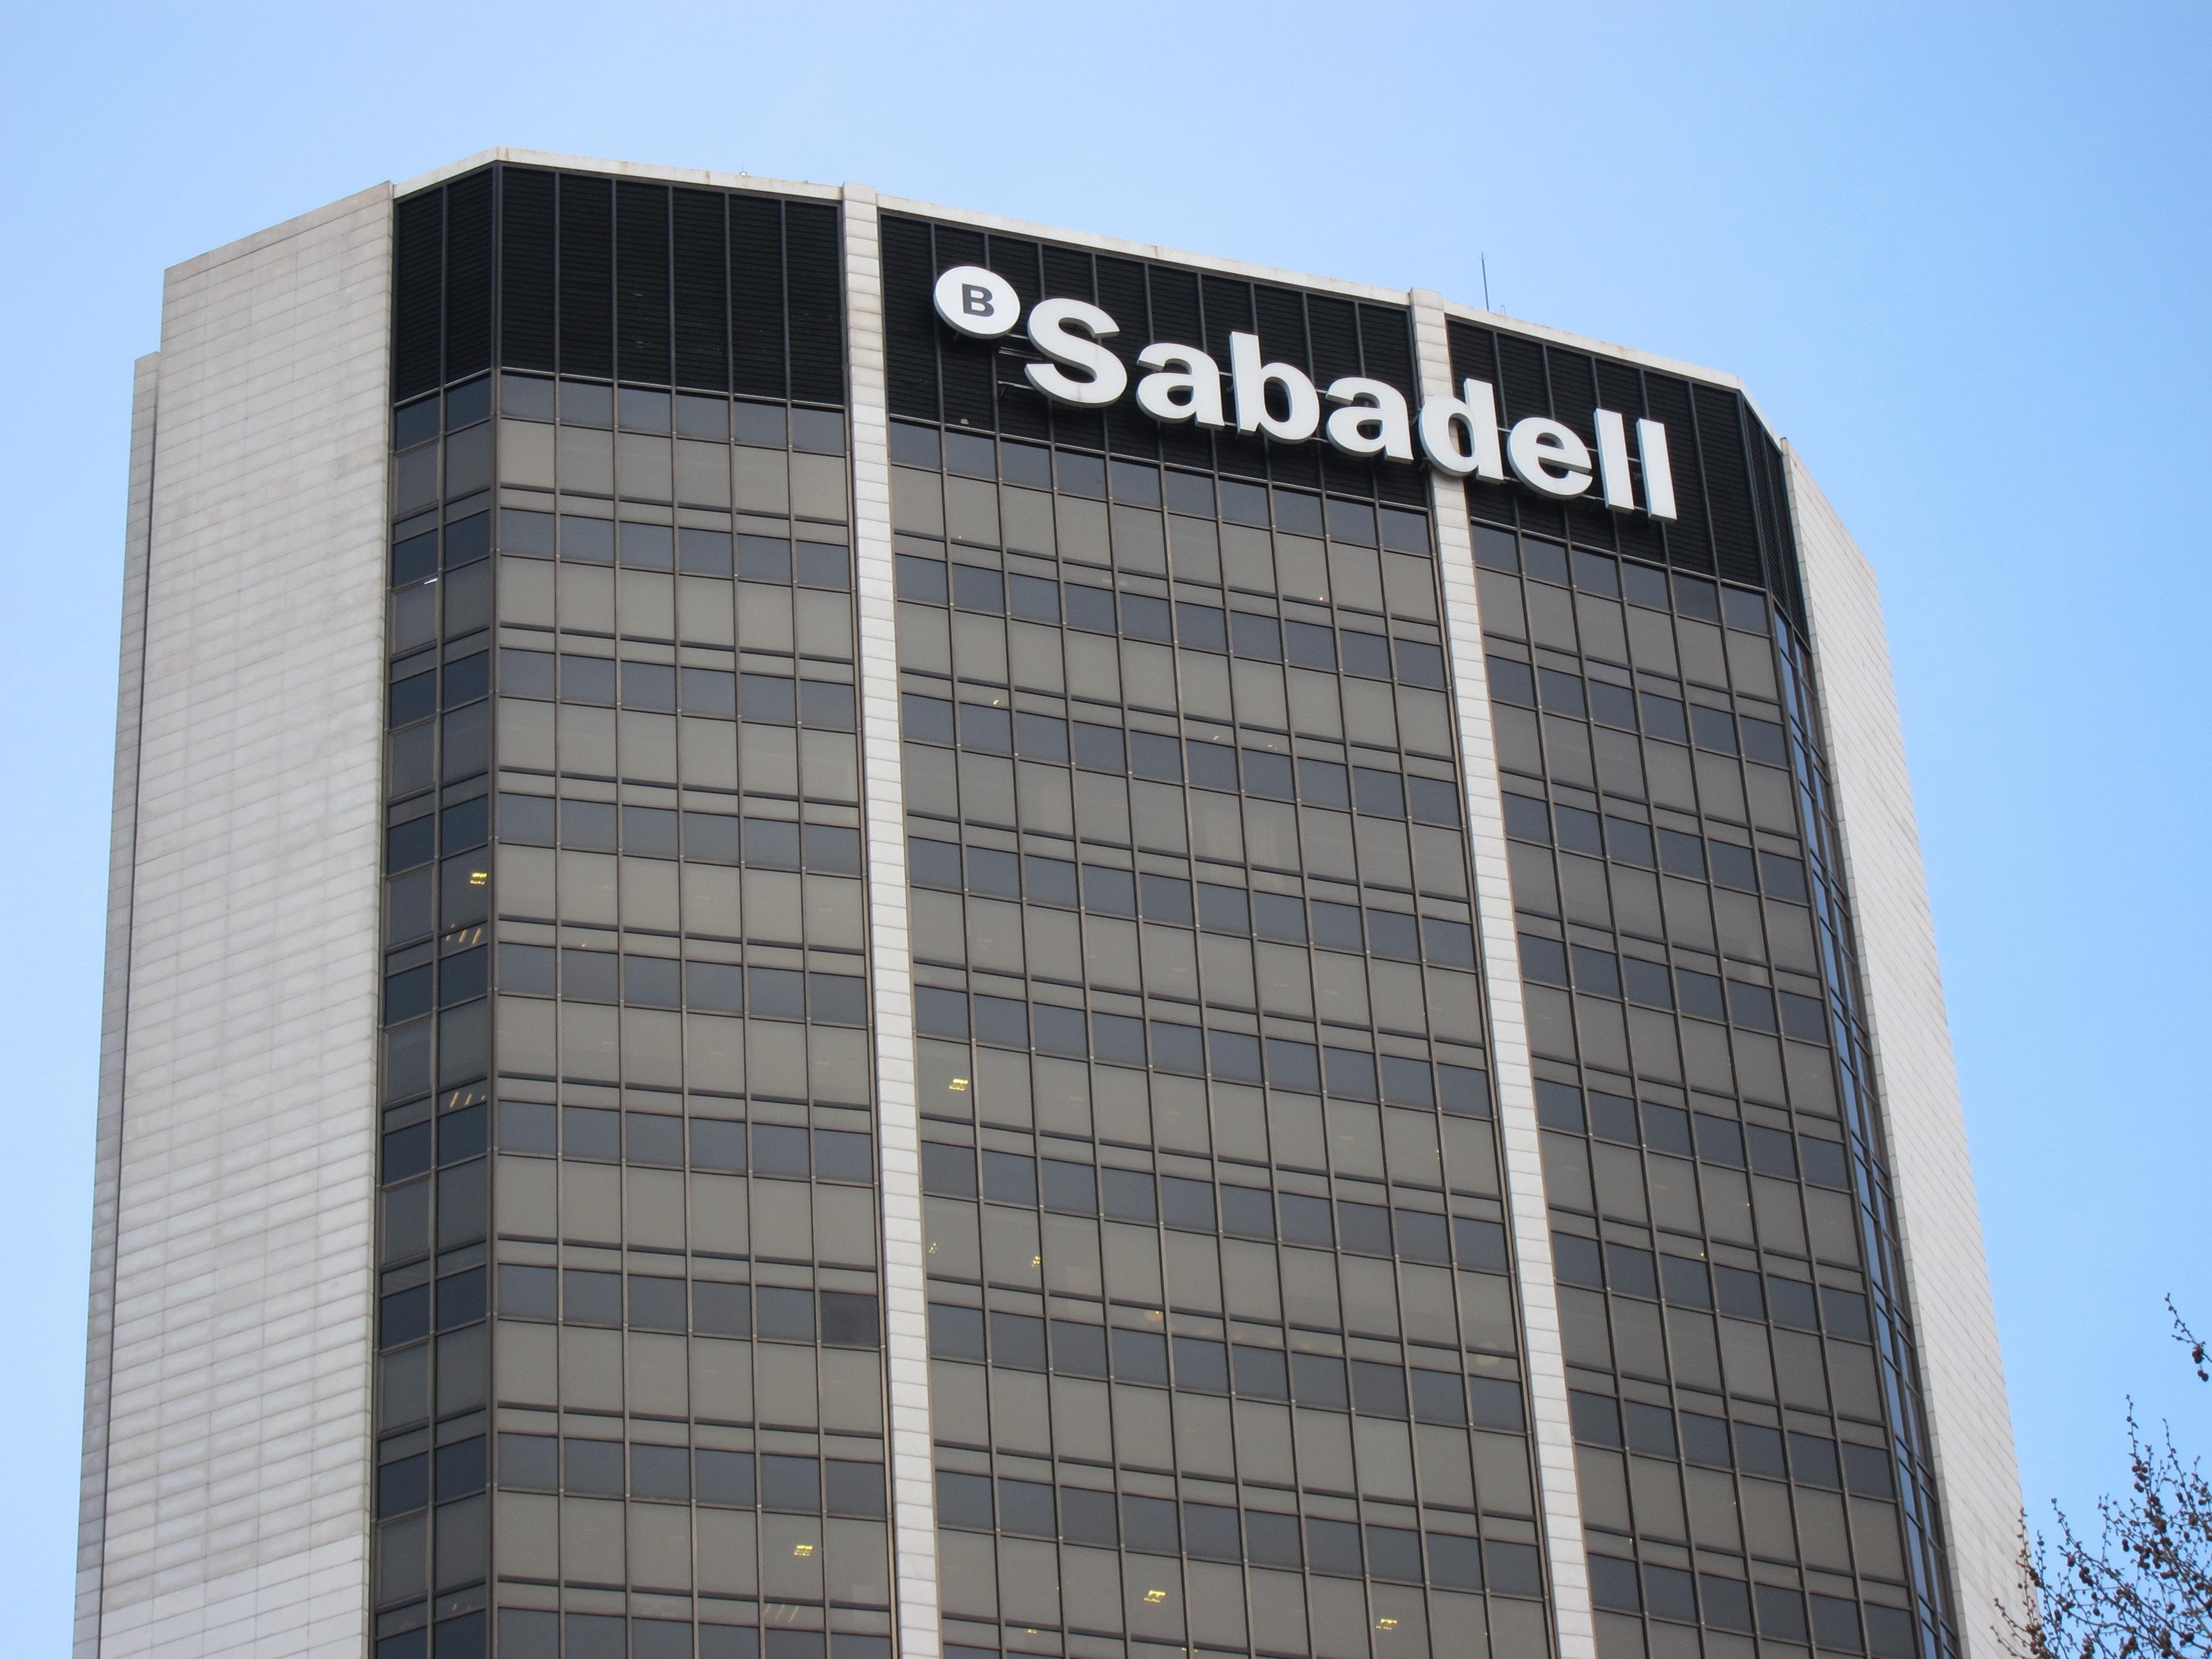 S&P mantiene a Banco Sabadell la calificación »BB» con perspectiva negativa tras ampliar capital